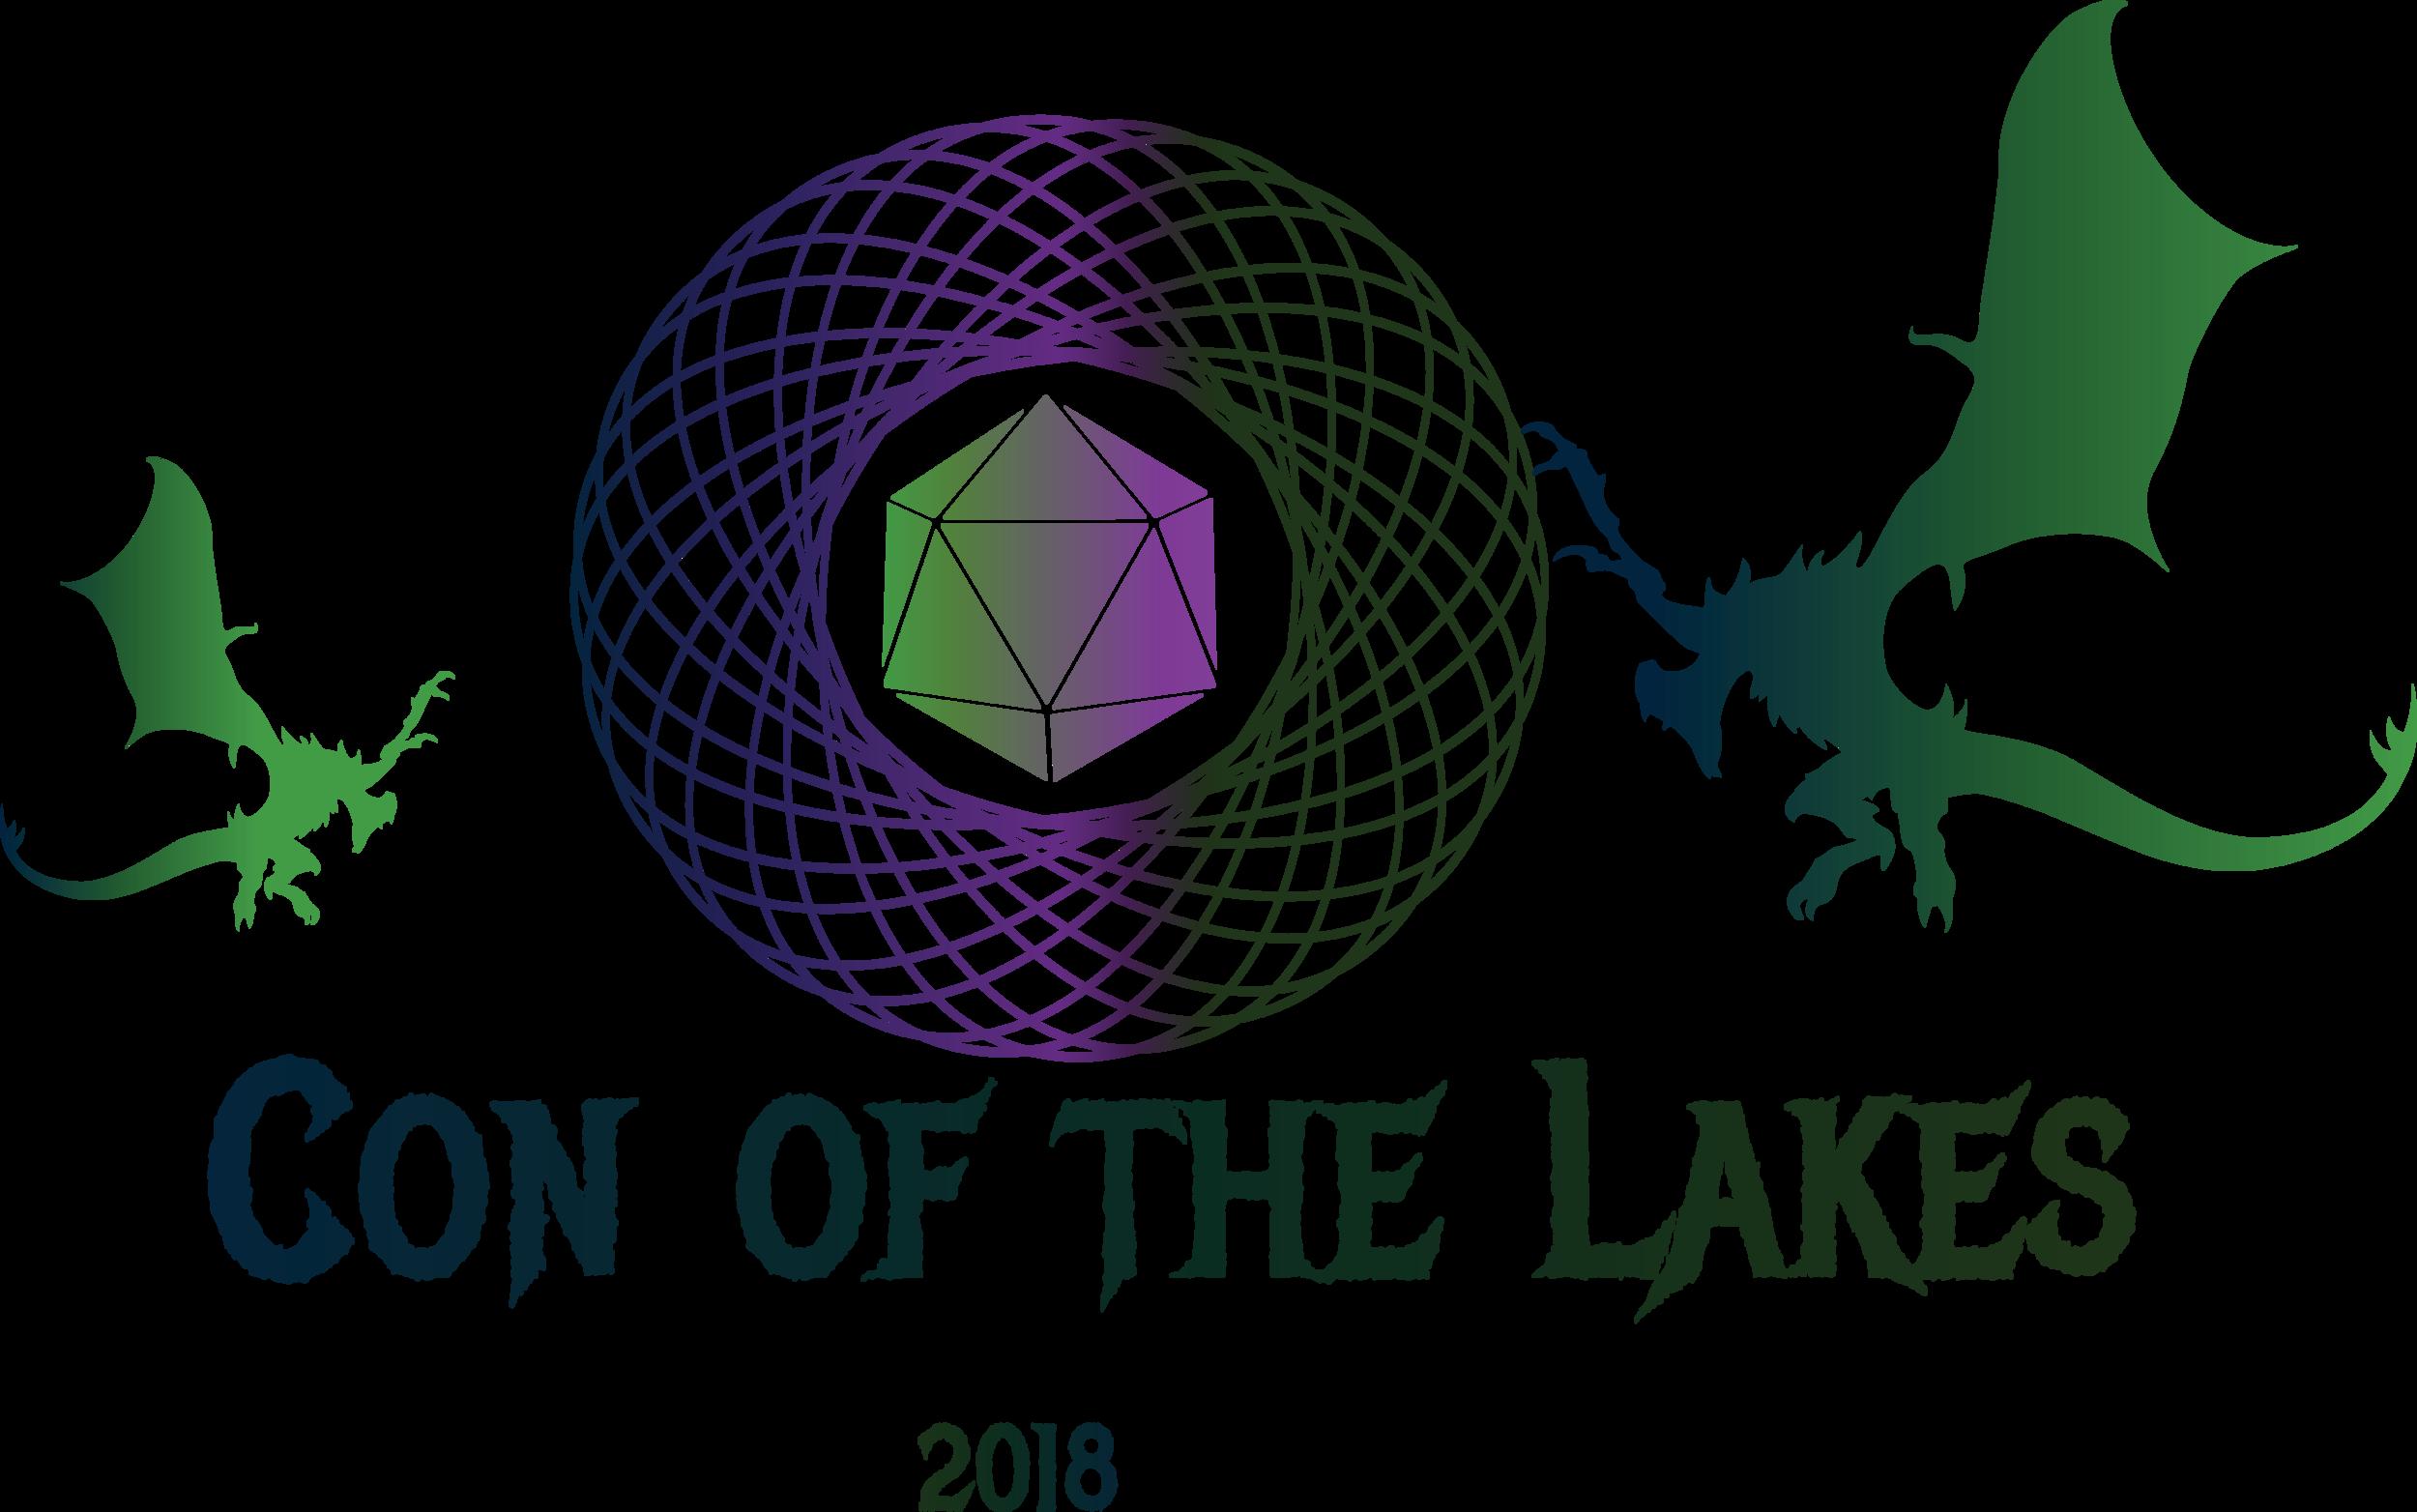 2018's Logo